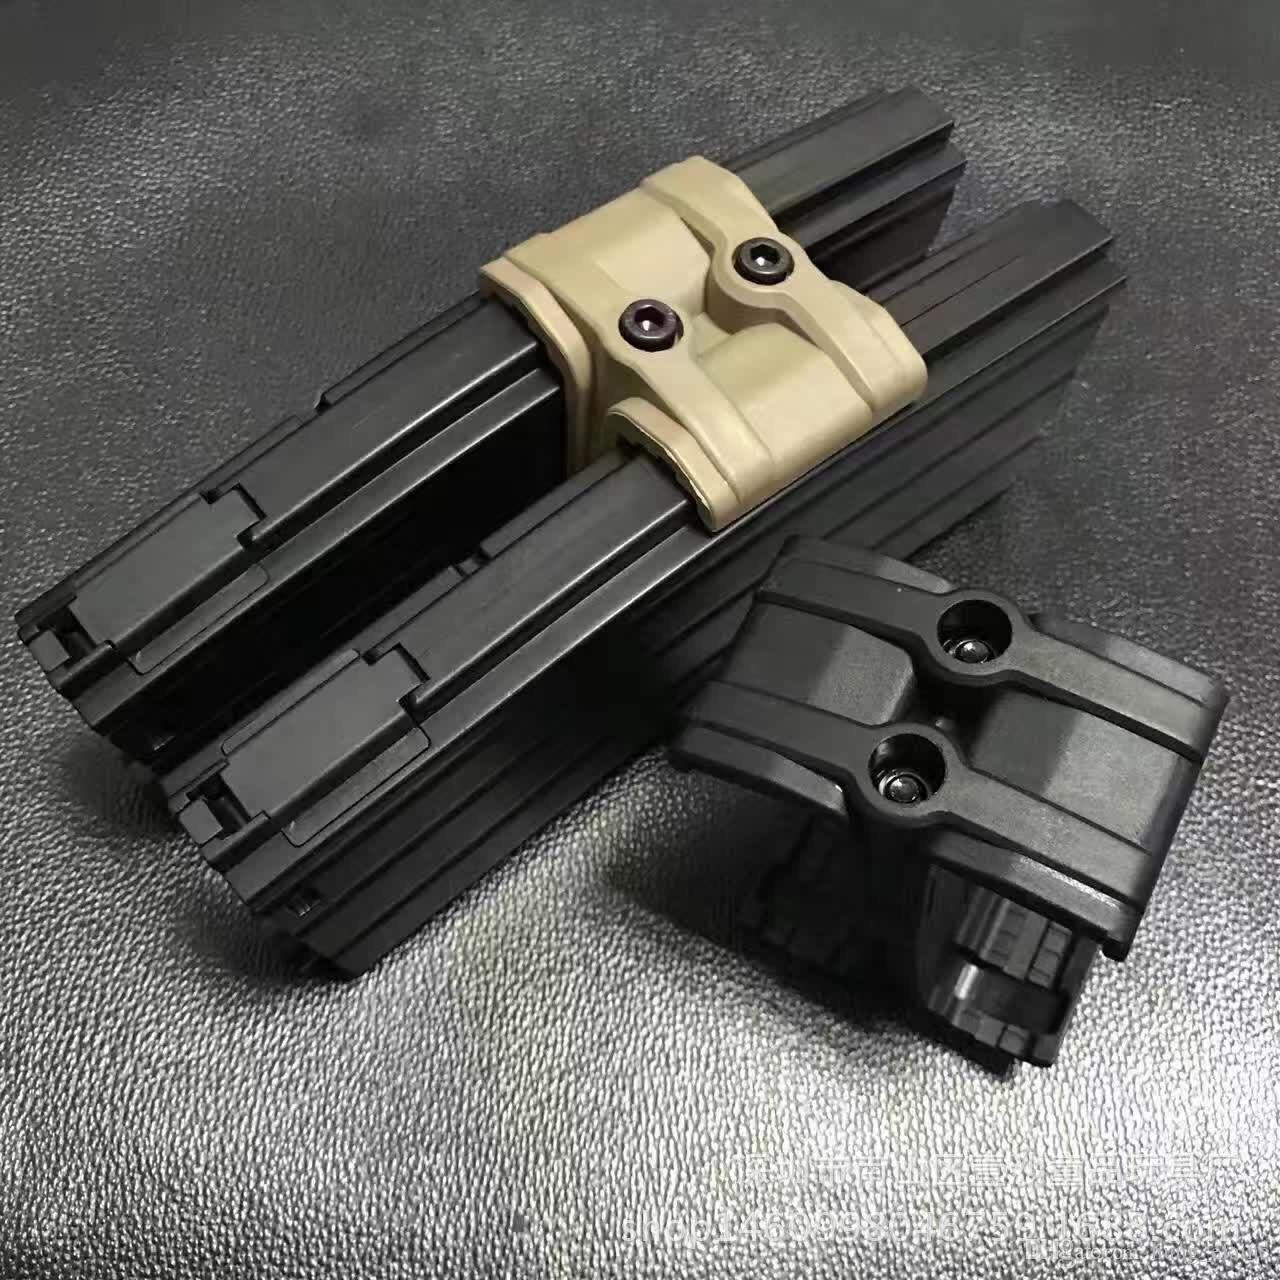 Clip di cartuccia fucile ad aria compressa in nylon da 10 pezzi all'ingrosso accessori fucili tattici M4 marrone chiaro e nero